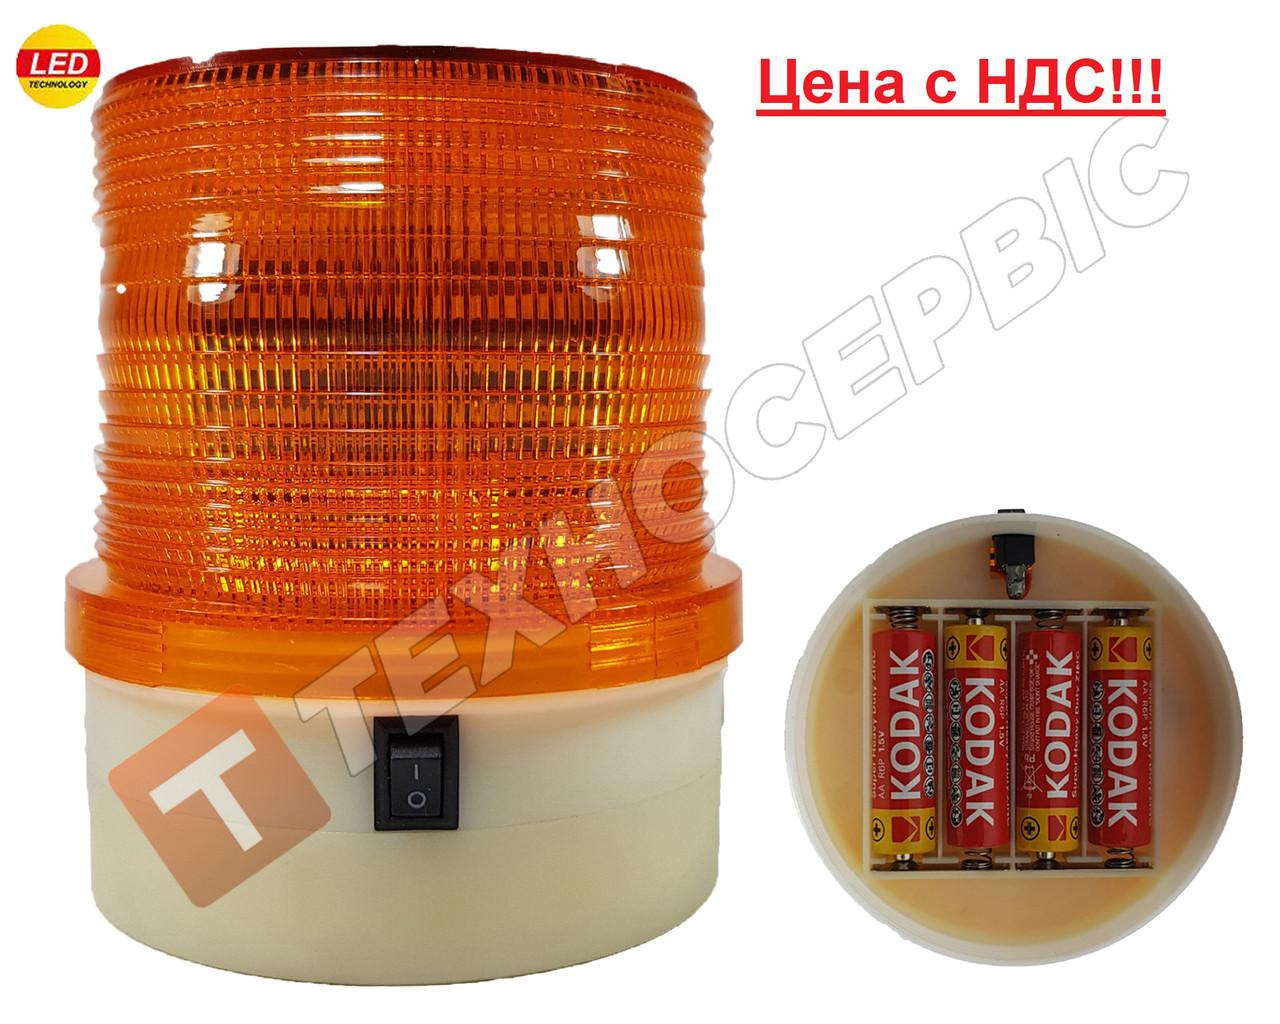 Проблесковый маячок,оранжевый автономный (мигалка) 24 LED крепление на магните, на 4 батарейках, (Цена с НДС)